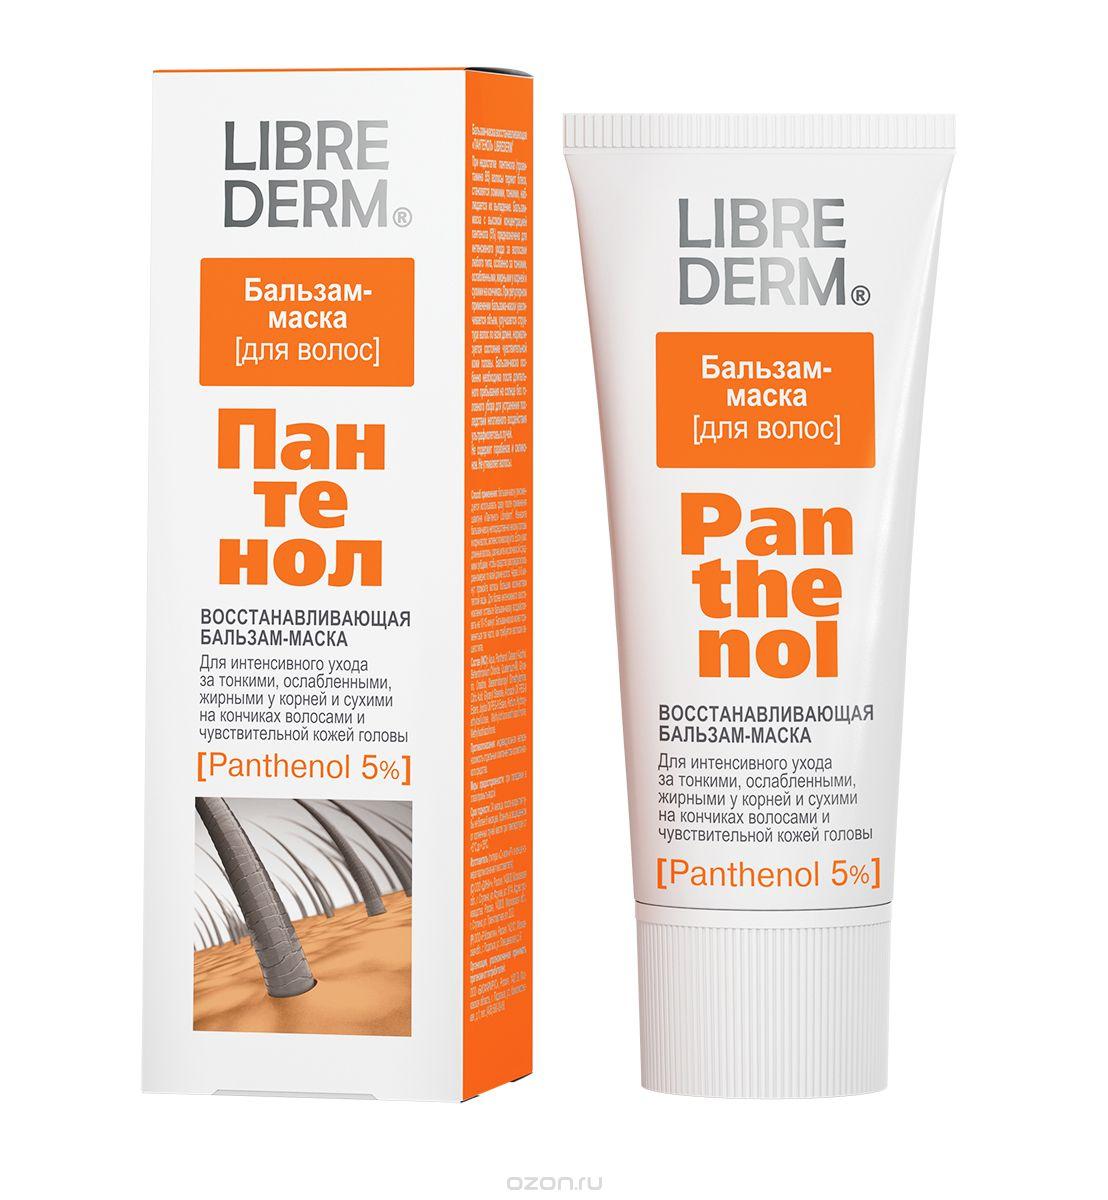 """LIBREDERM - """"Пантенол"""" маска, восстановление поврежденной кожи, увлажнение кожи, регенерация кожи"""